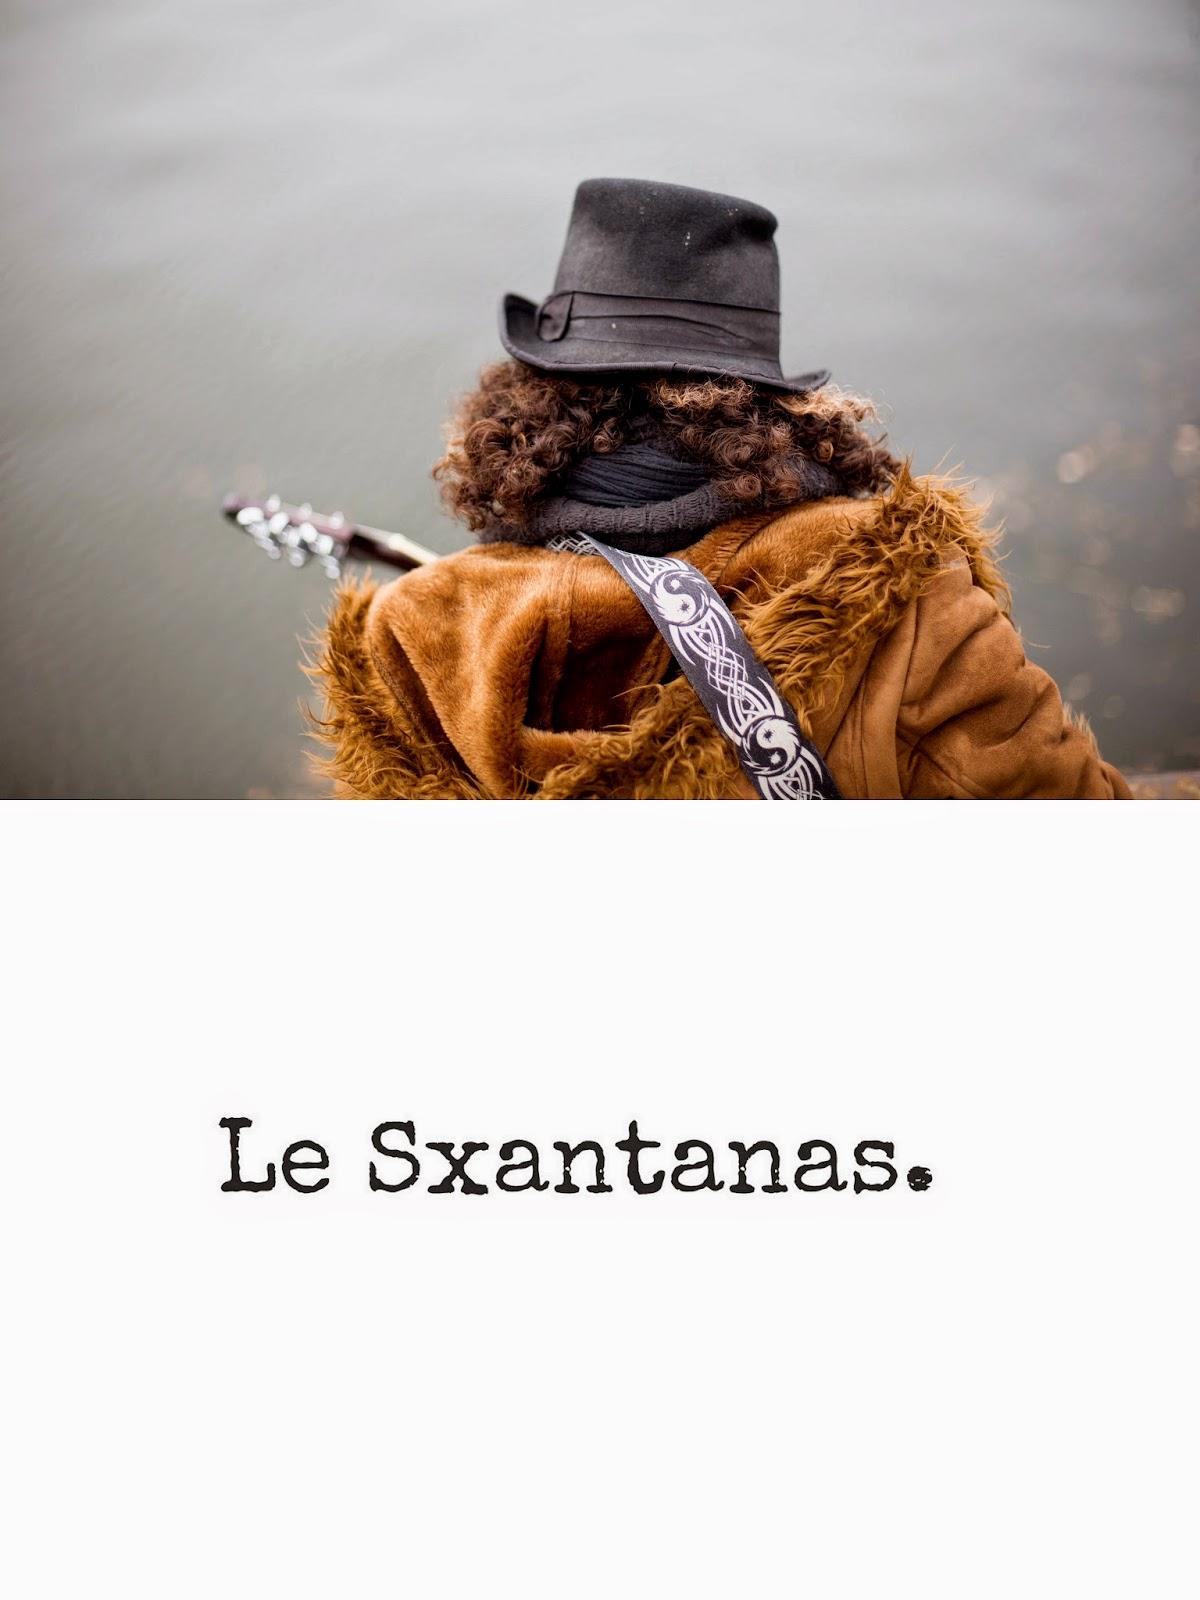 Le Sxantanas © 2014 The Curious Busker Tale